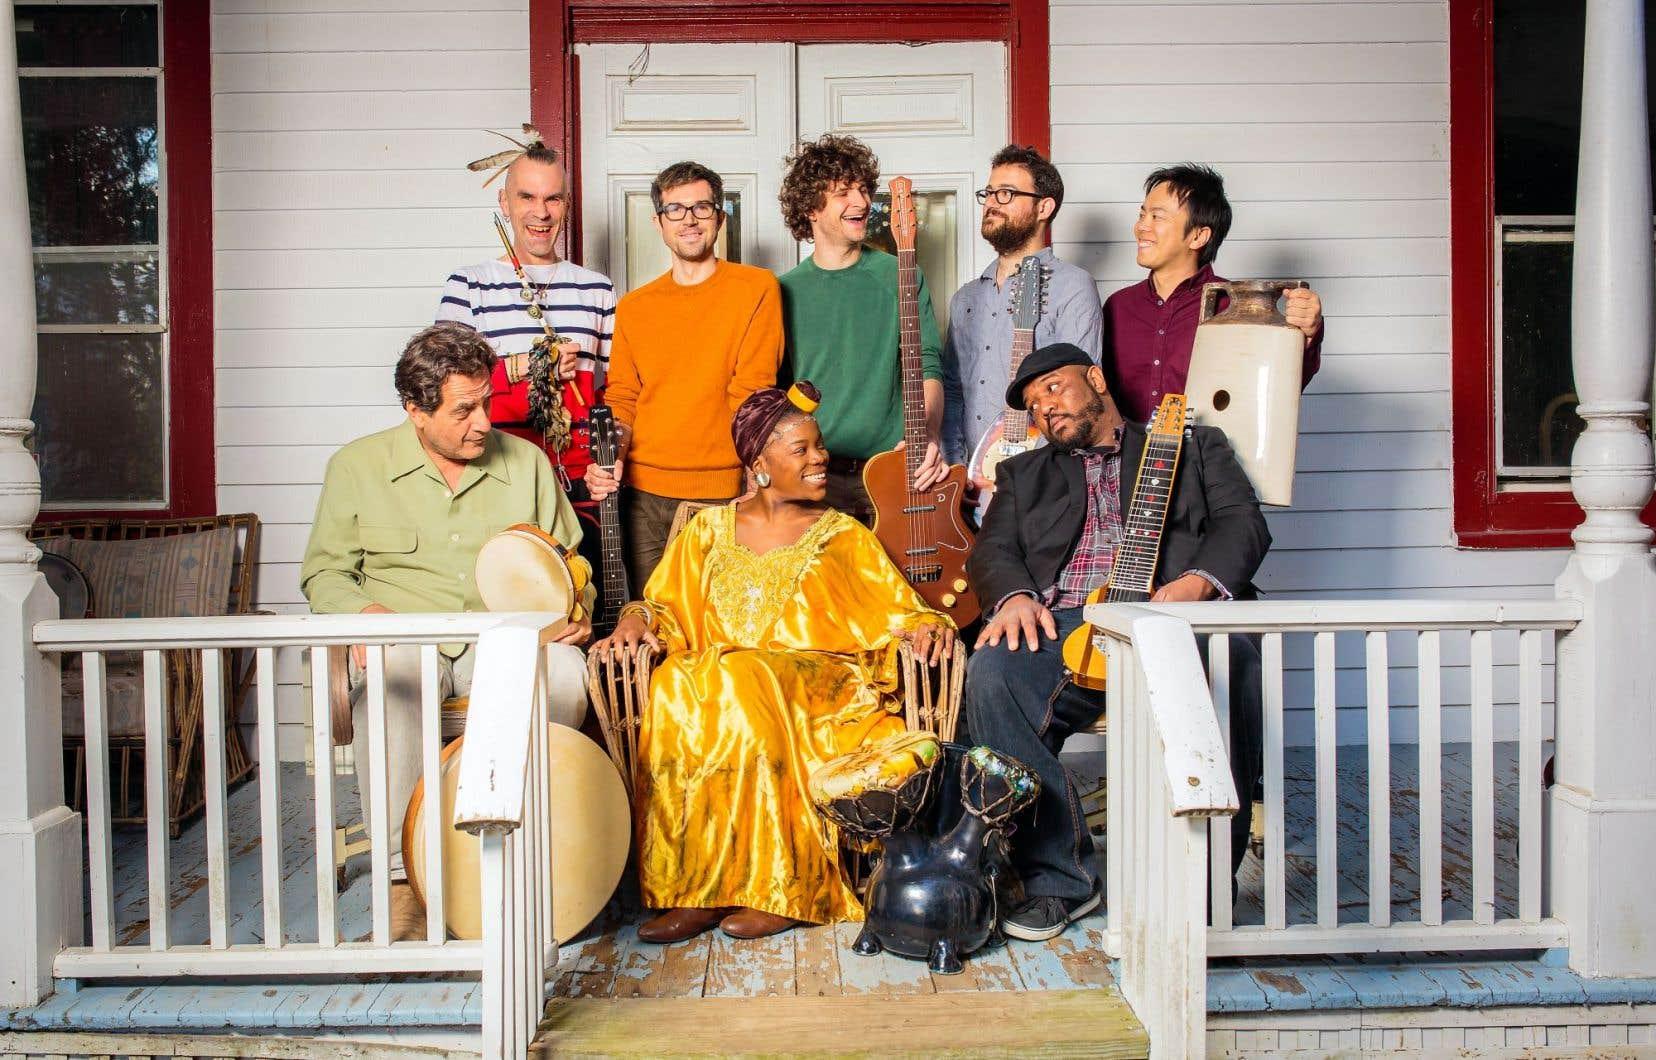 Le groupe Bokanté est composé de quatre guitaristes, de trois percussionnistes et d'une chanteuse.